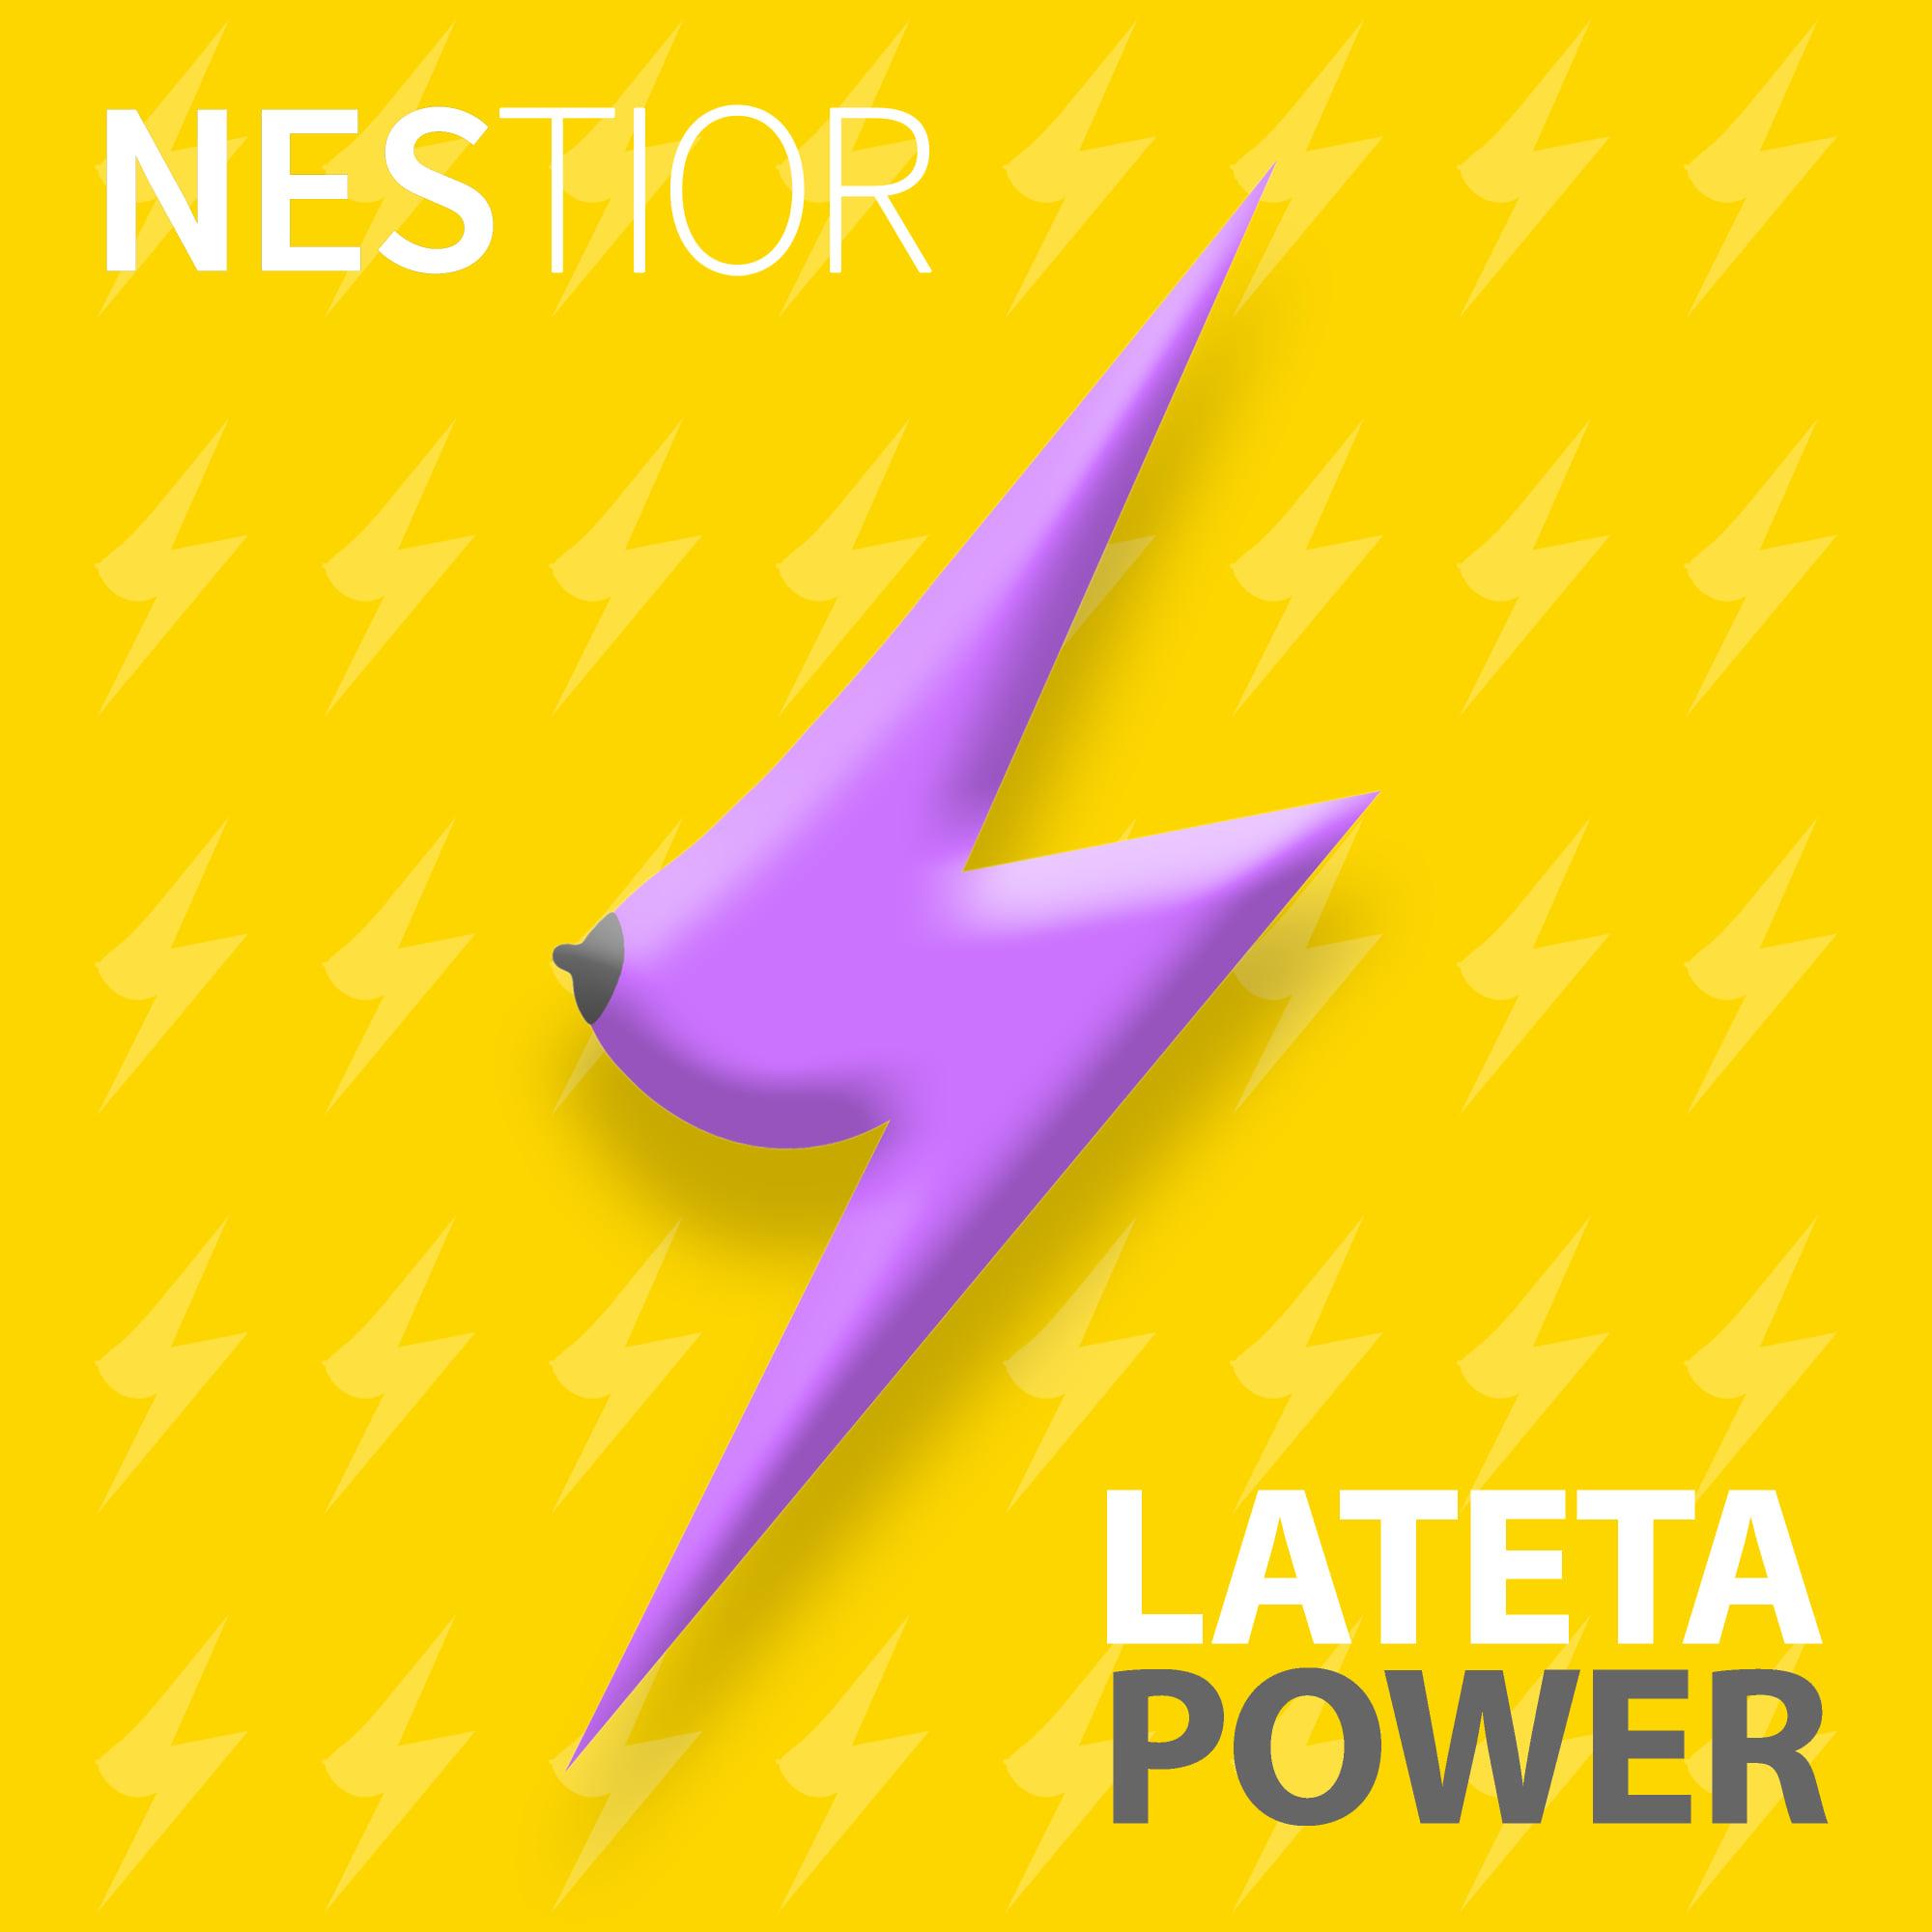 La Teta Power